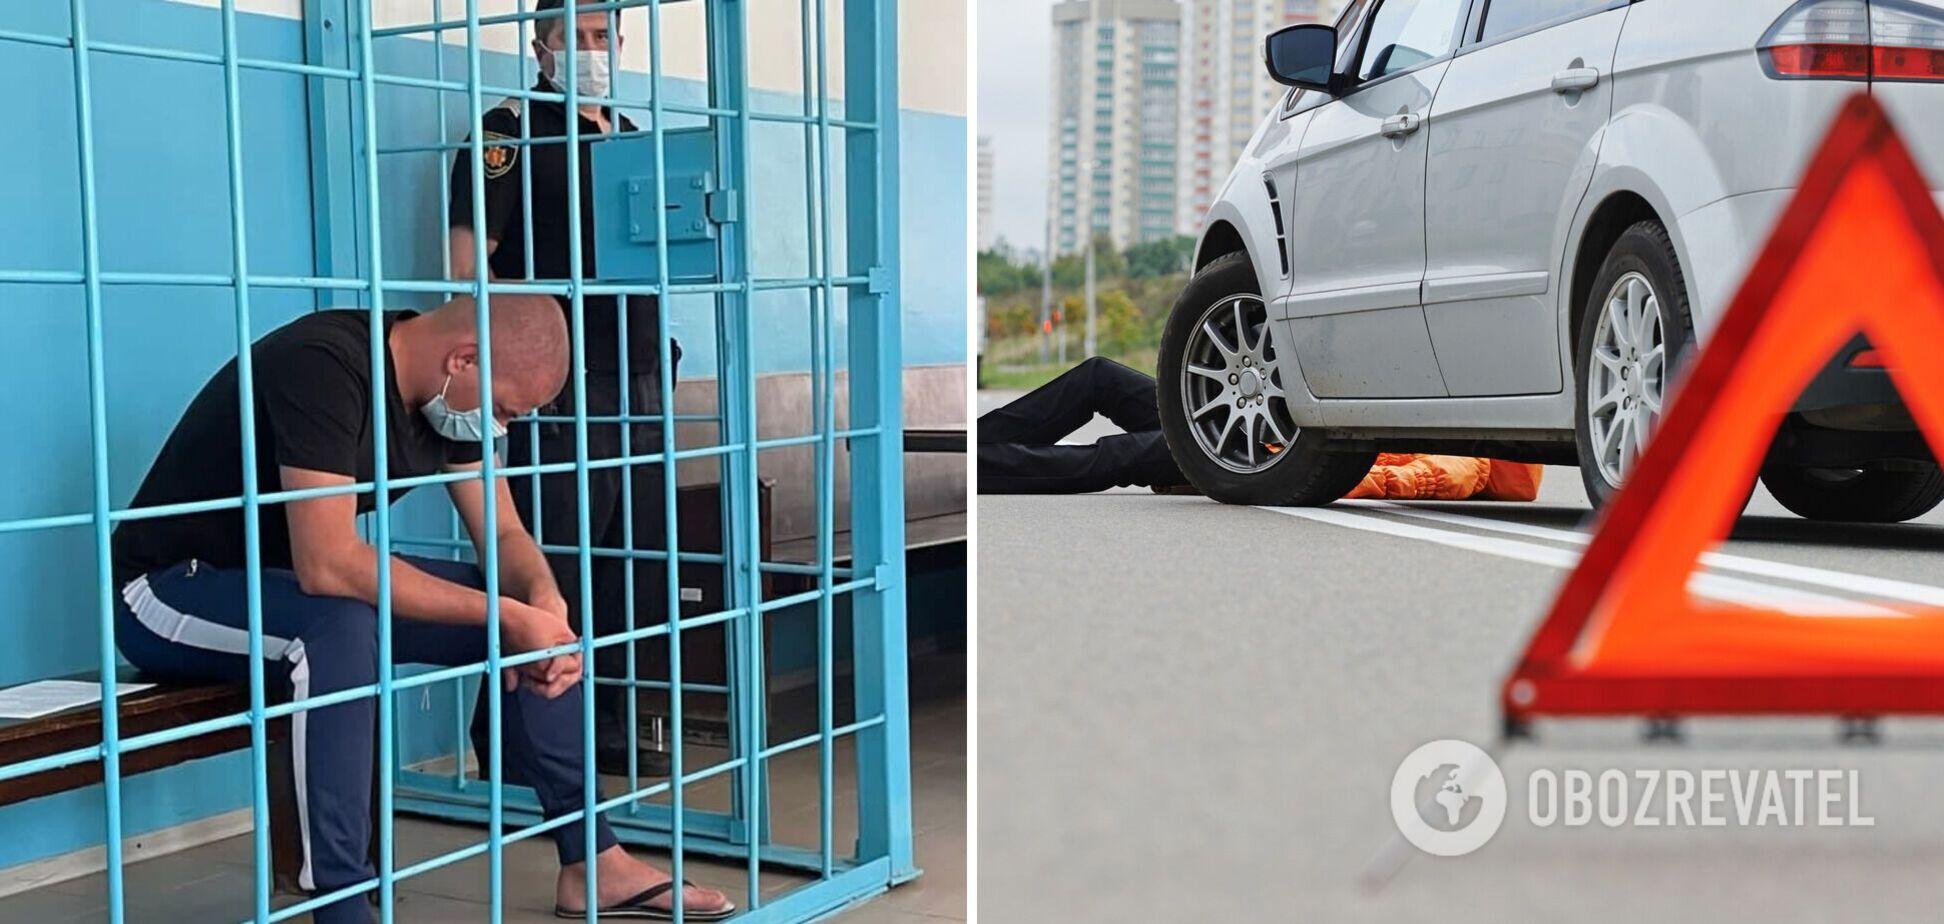 Херсонського патрульного, який п'яним за кермом збив підлітка, відправили за ґрати. Фото